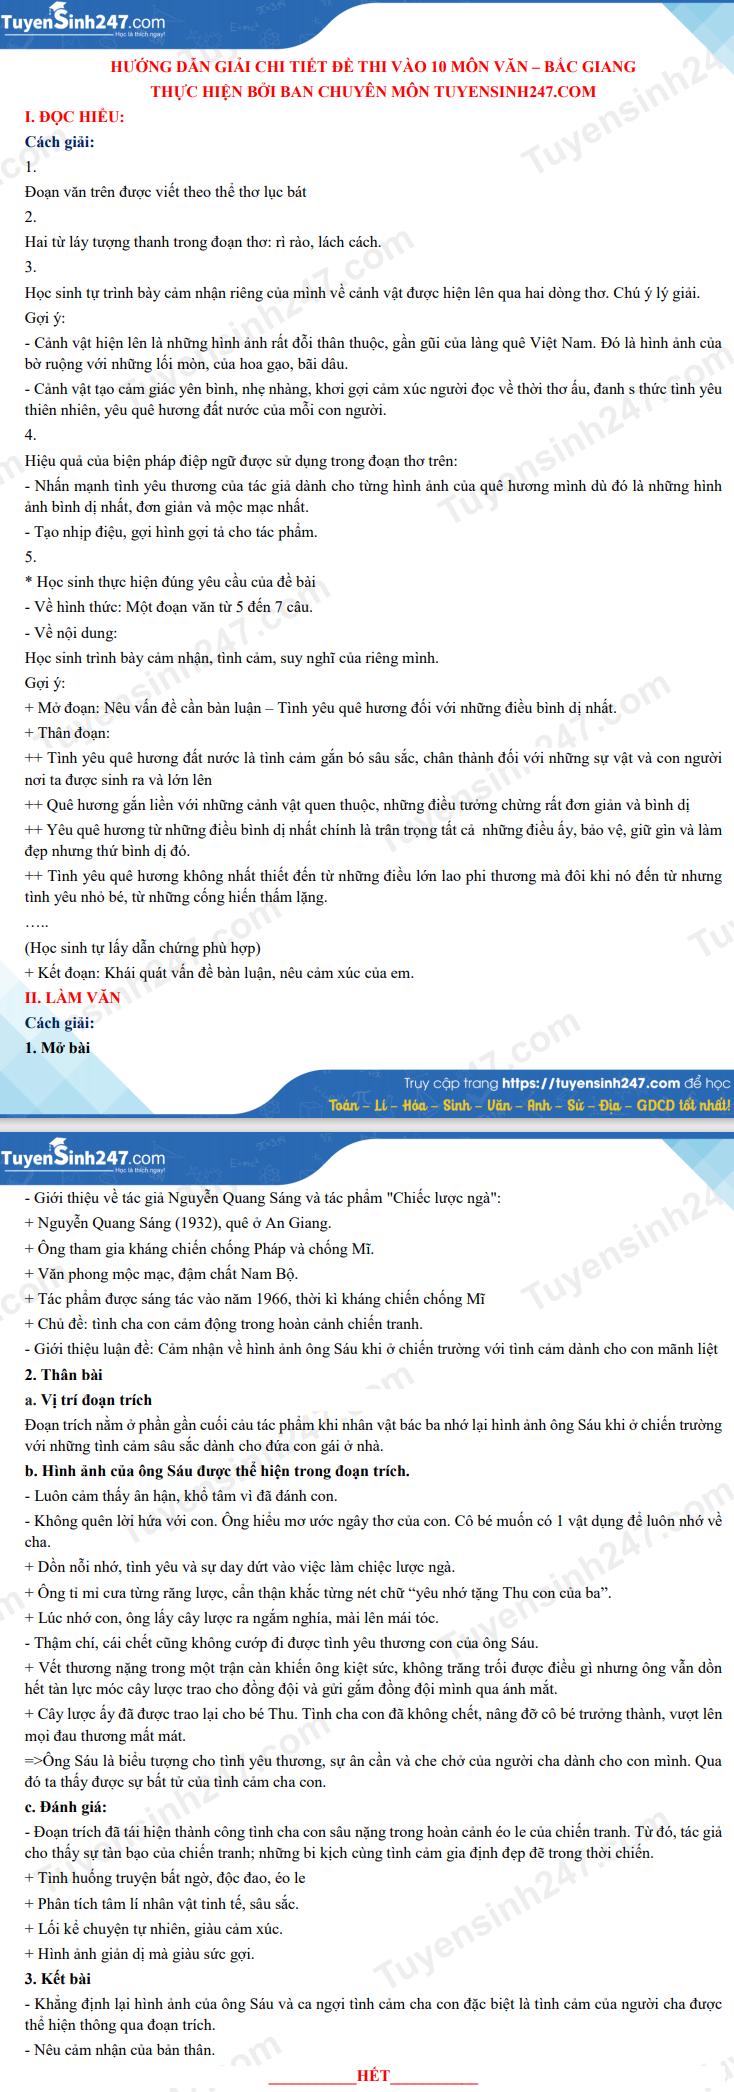 Dap an de thi vao lop 10 mon Van - tinh Bac Giang nam 2021